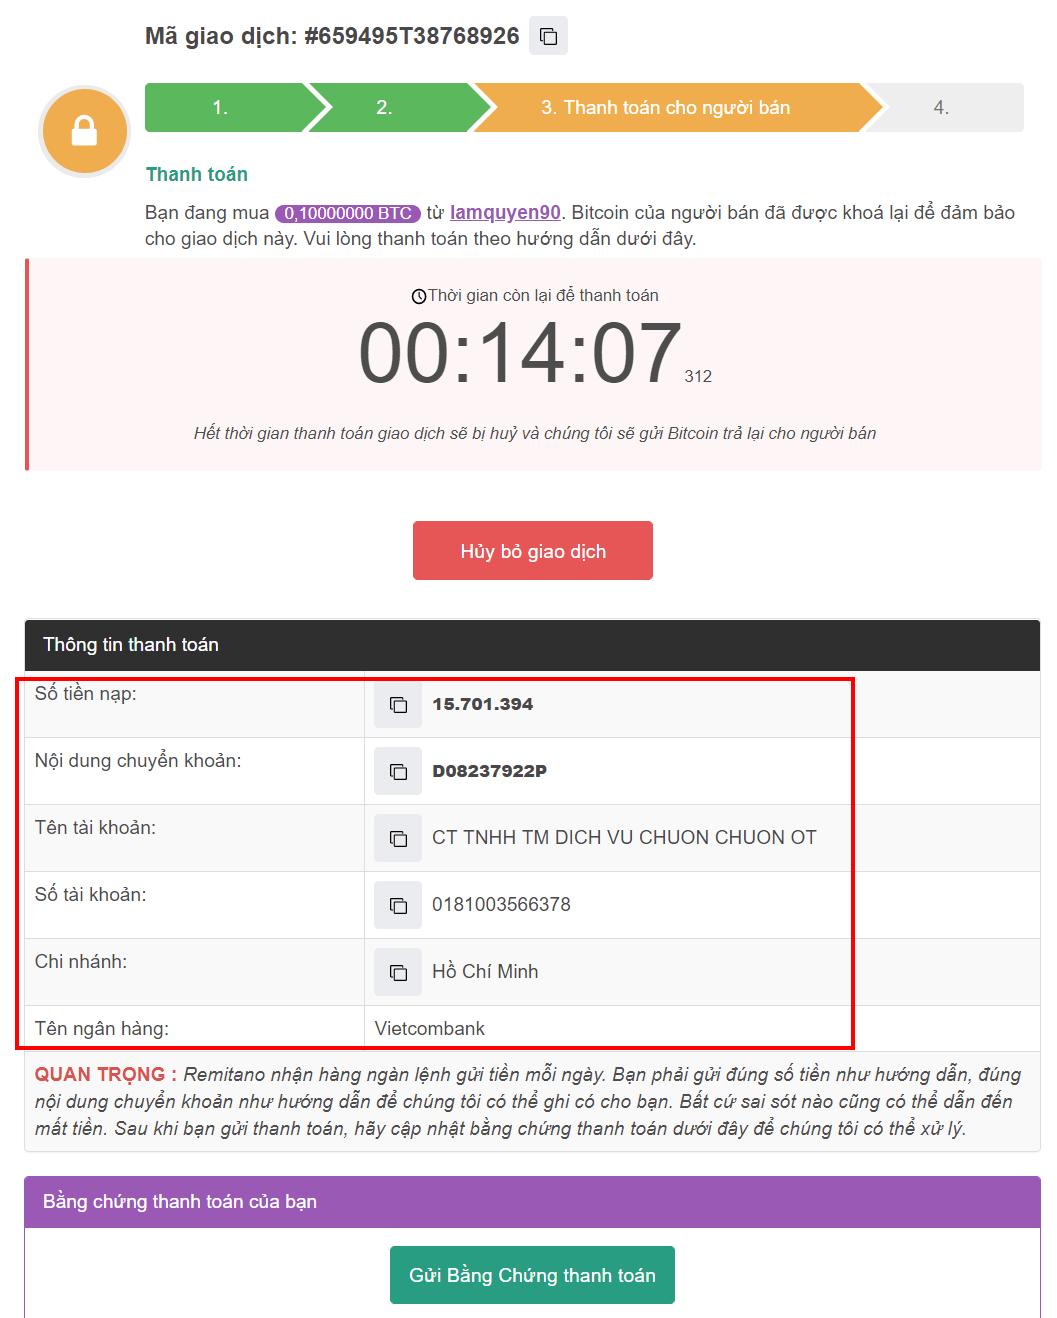 Cách mua Bitcoin trên Remintano - Bước 3